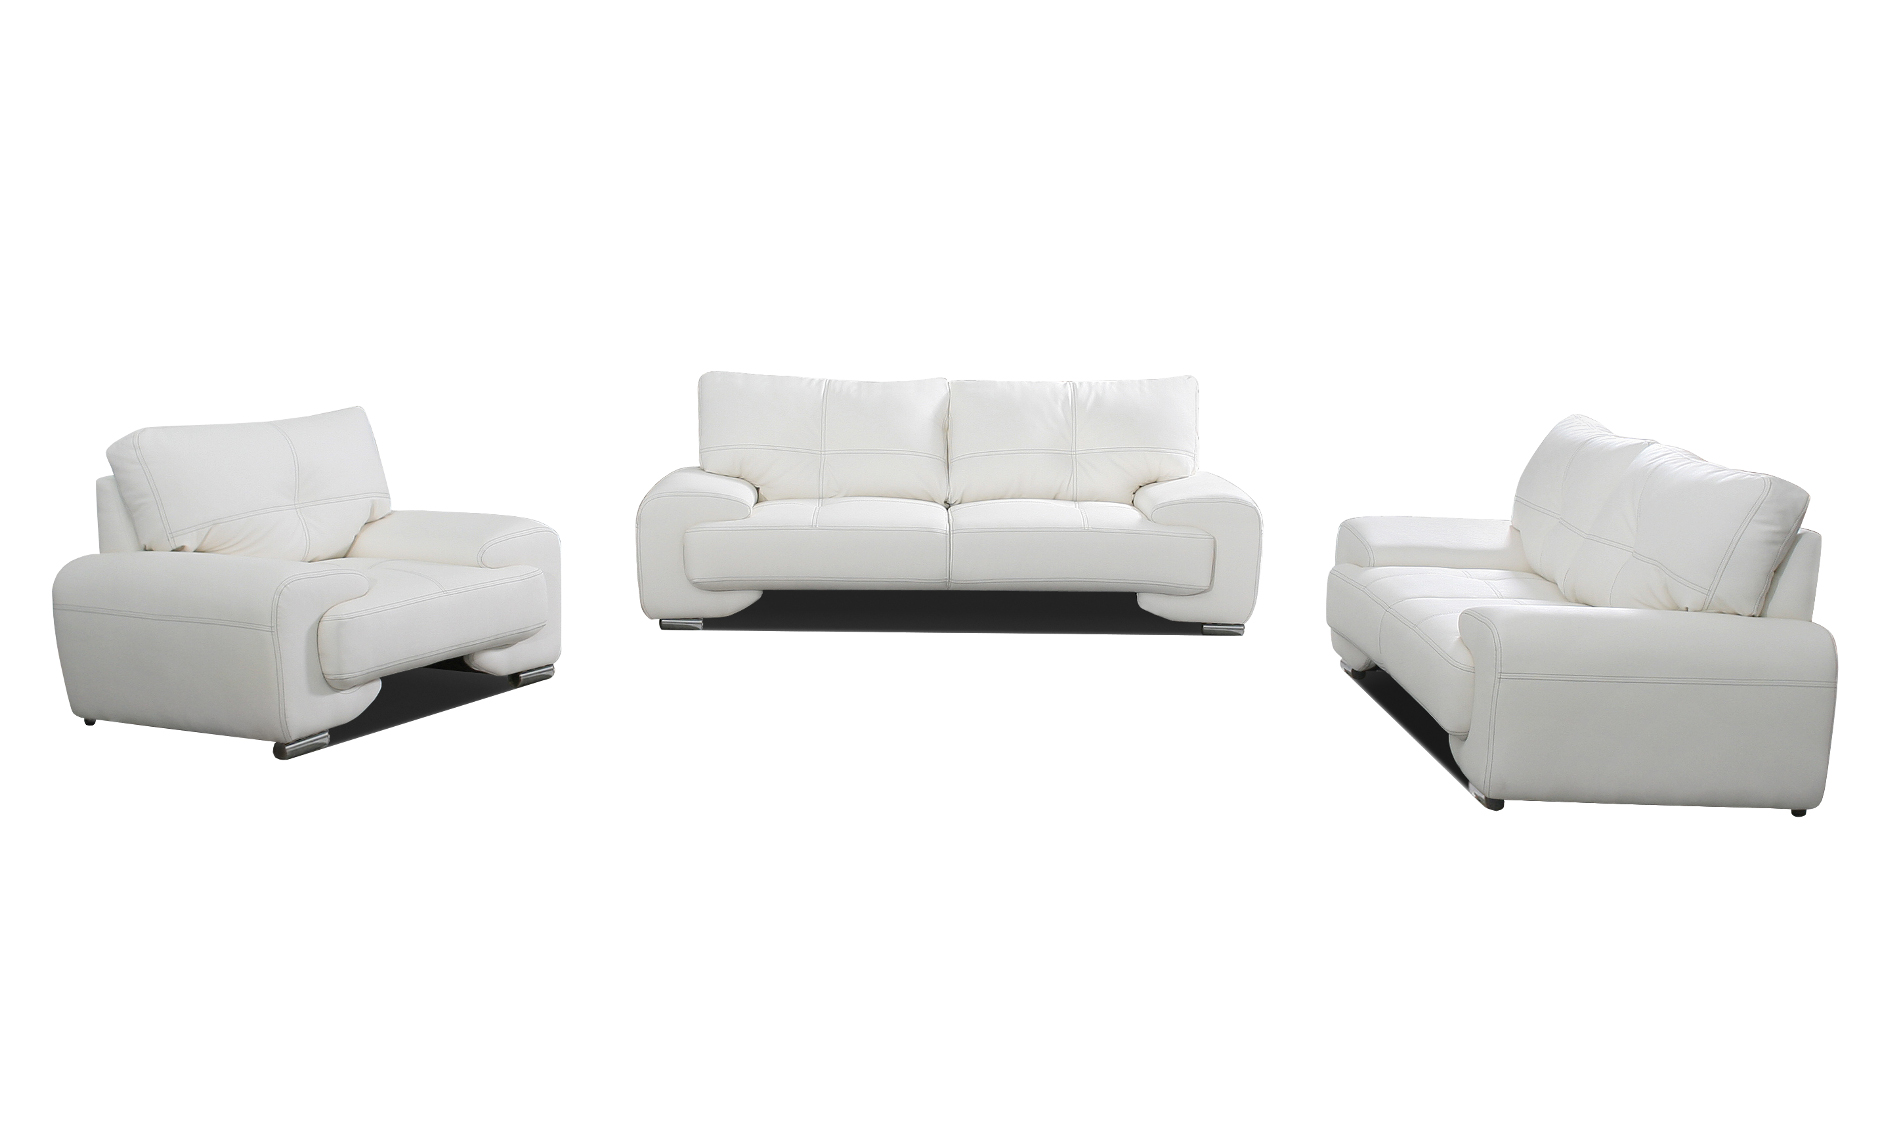 Klassische 3 2 1 Kombinationen mit Dreisitzer Sofa günstig kaufen